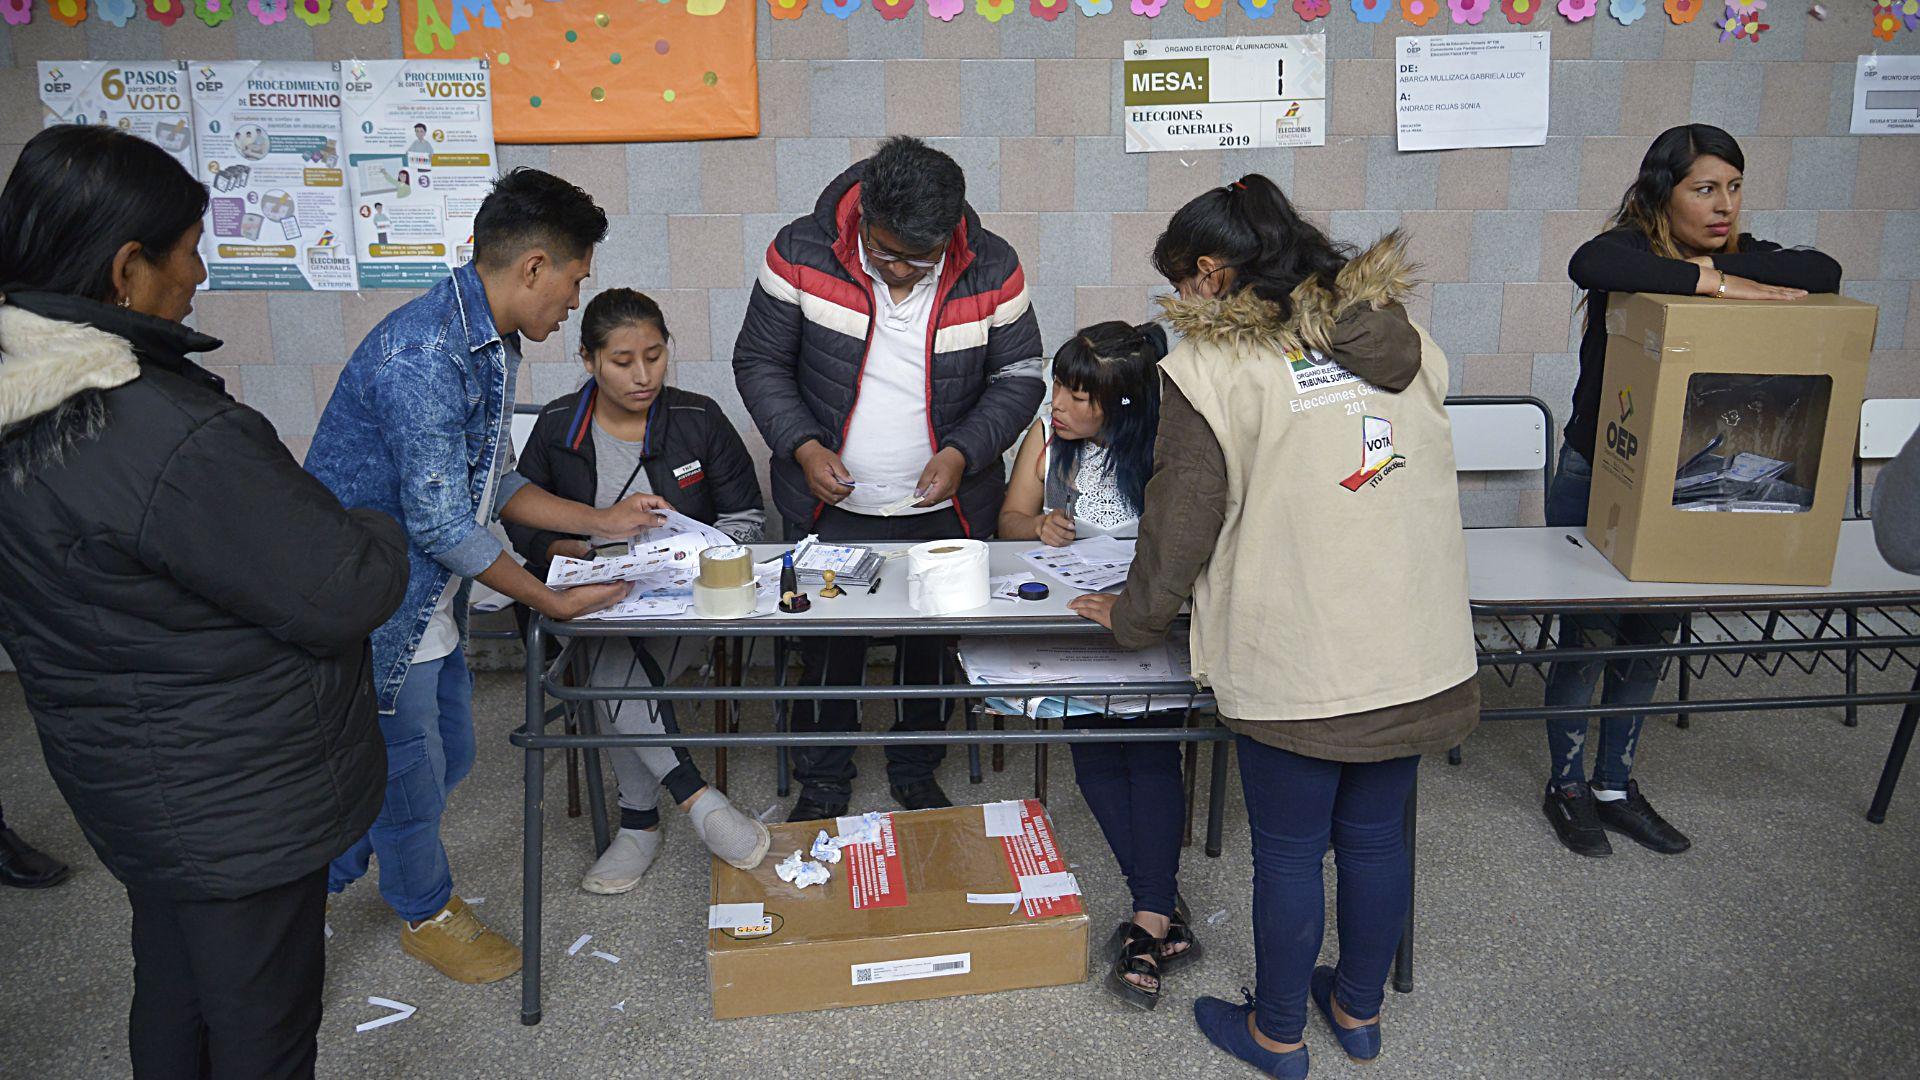 EEUU y Argentina aún no autorizaron elecciones bolivianas en sus territorios